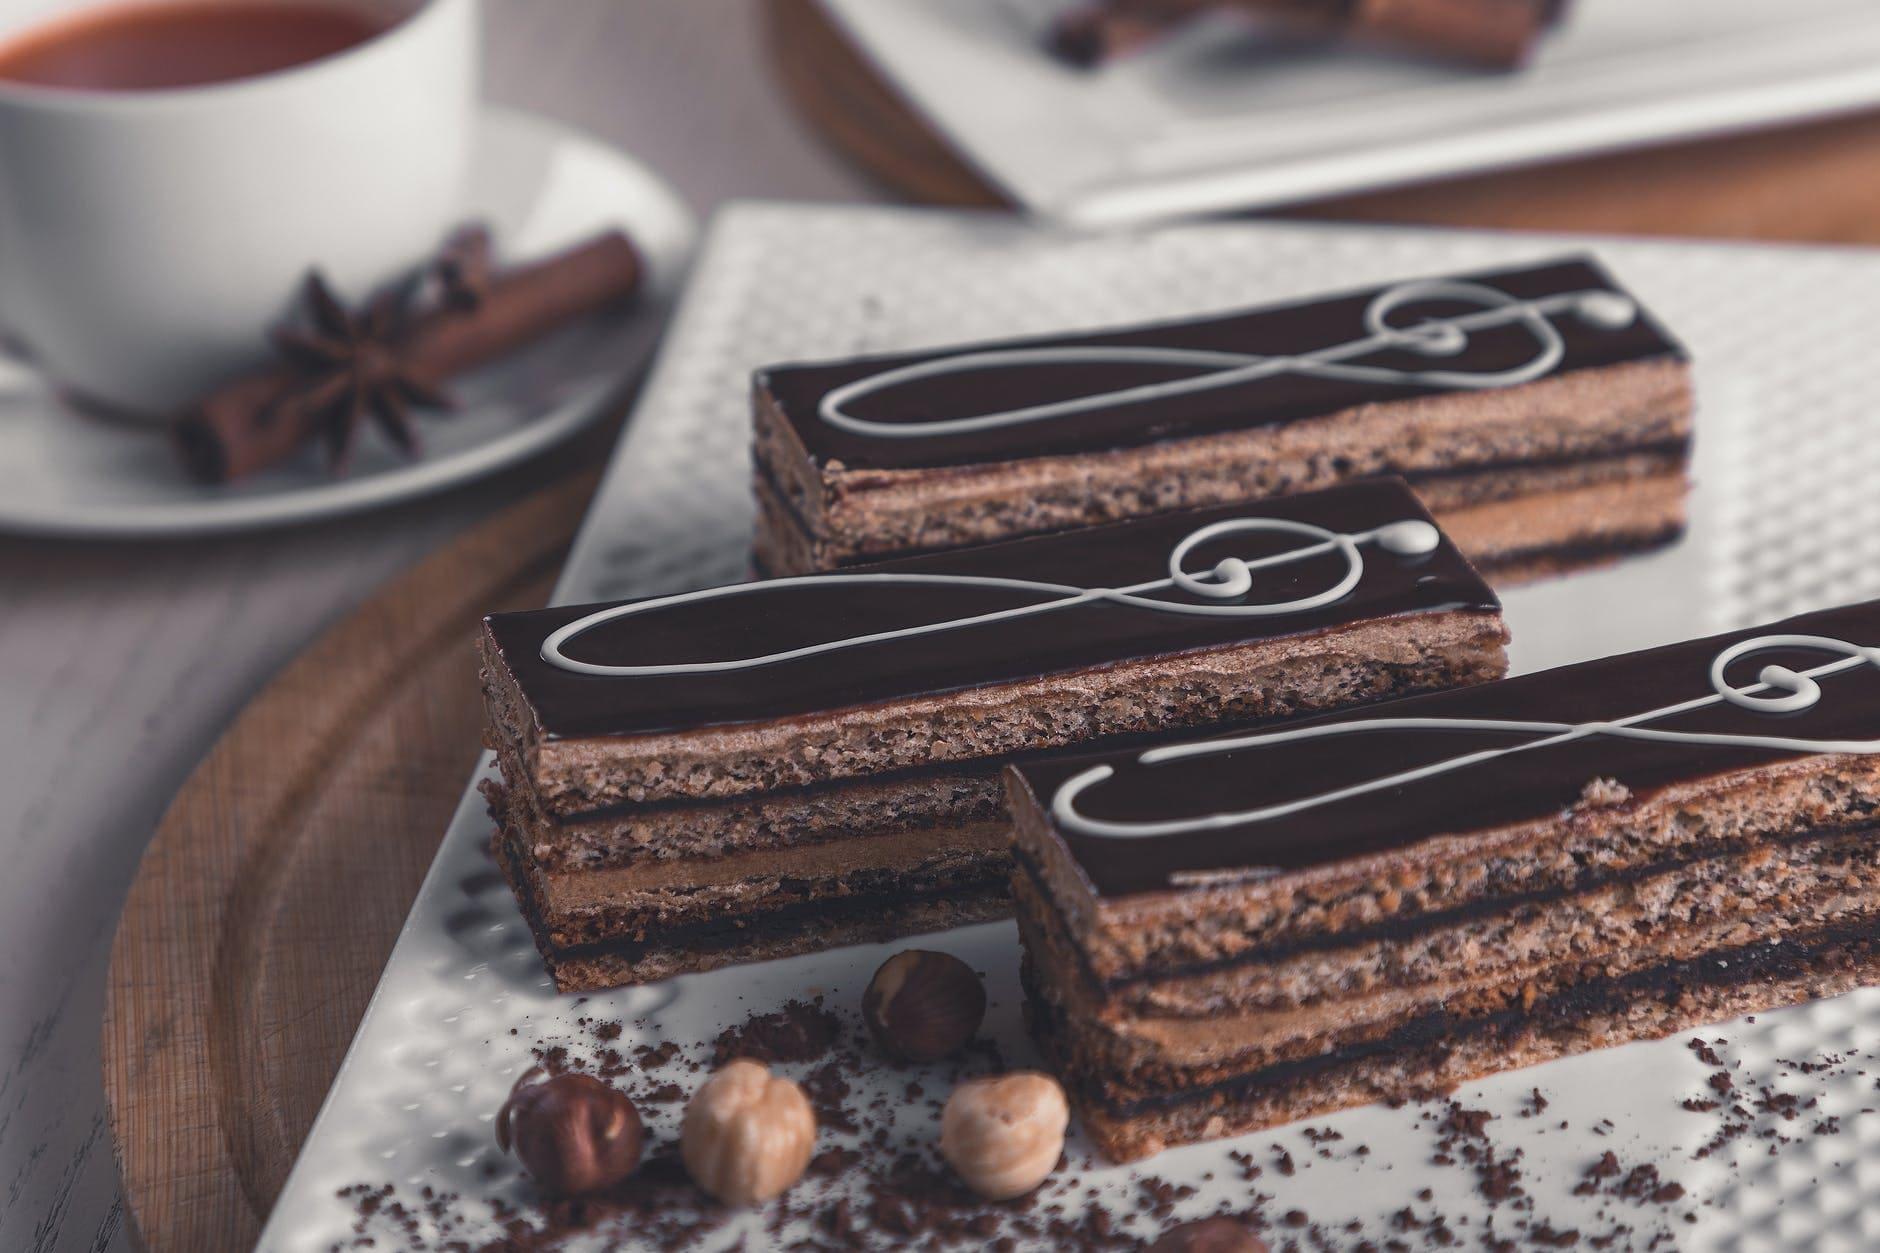 How to make a chocolate opera cake